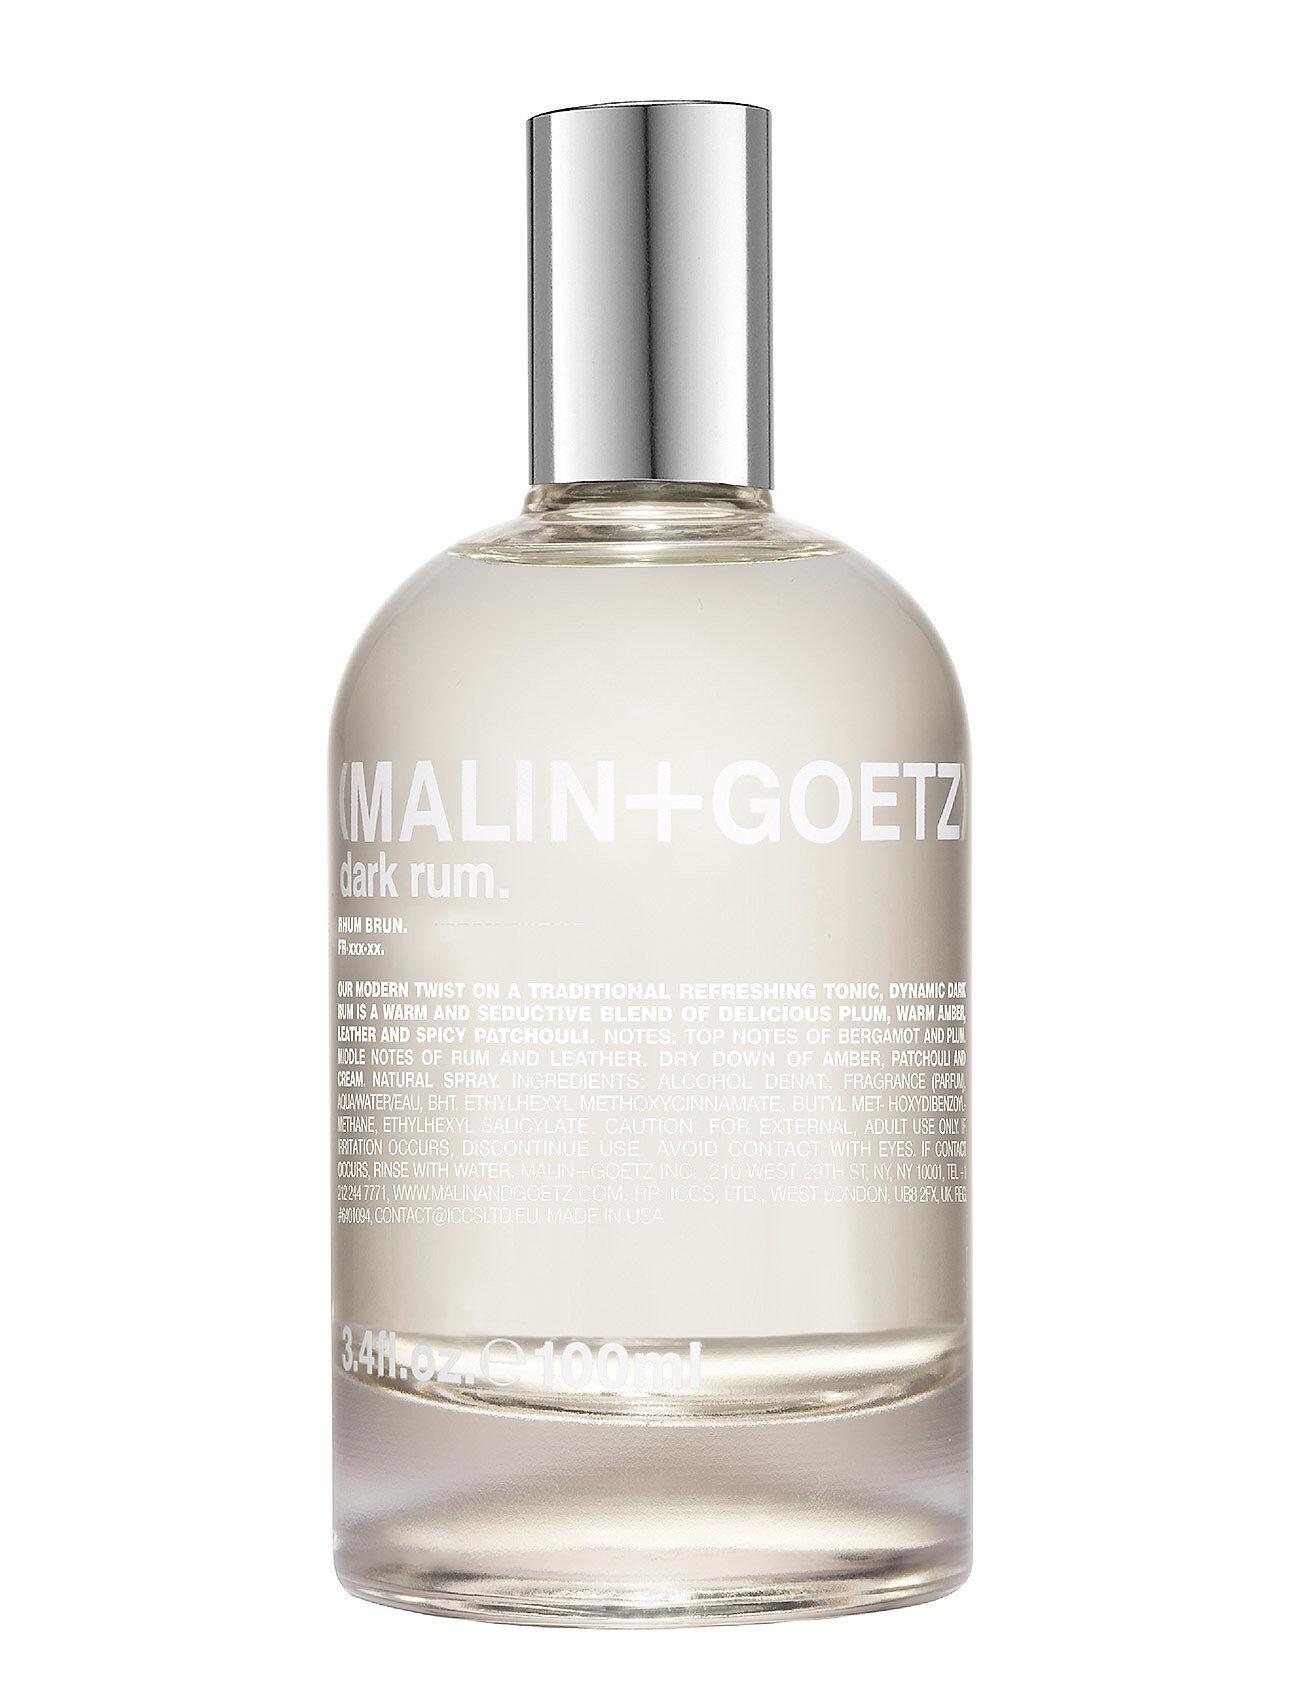 Malin+Goetz Dark Rum Eau De Parfume